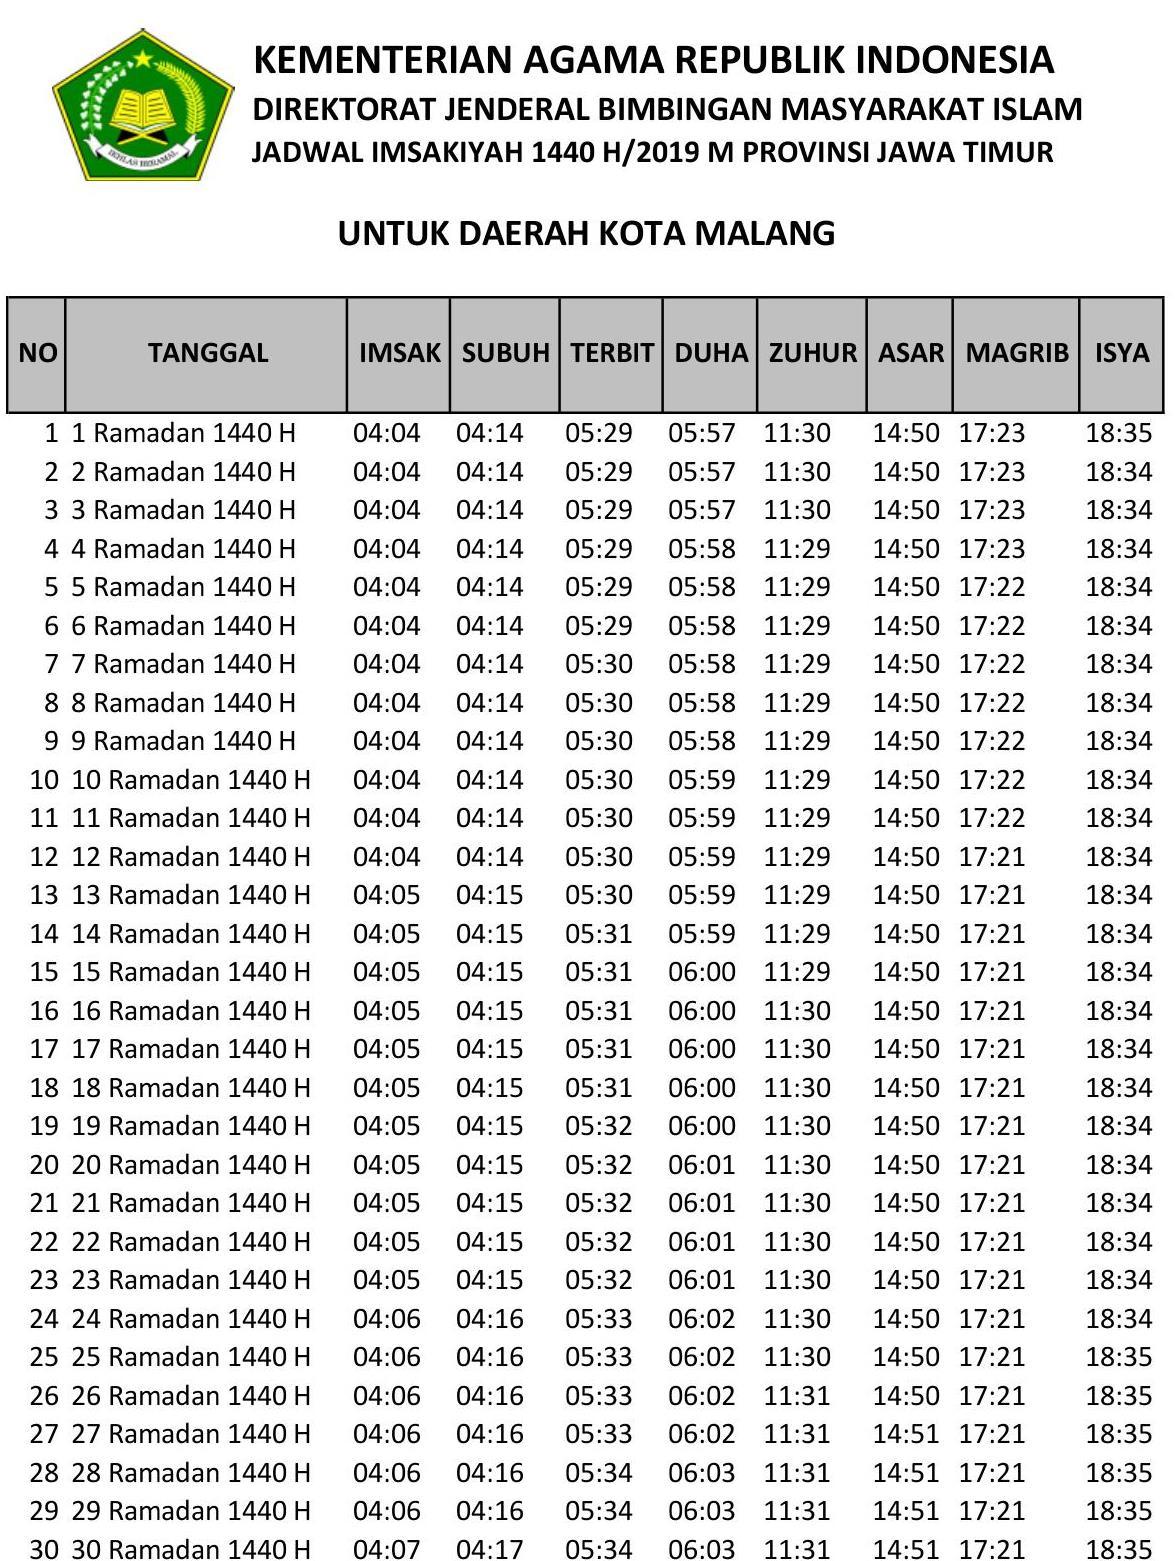 Jadwal Sholat Kota Malang-Ramadhan 2019-Waktu Maghrib, Waktu Imsak, dan Waktu Shubuh di Wilayah Kota Malang dan Sekitarnya, Bulan Puasa 2019-1440 Hijriyah.